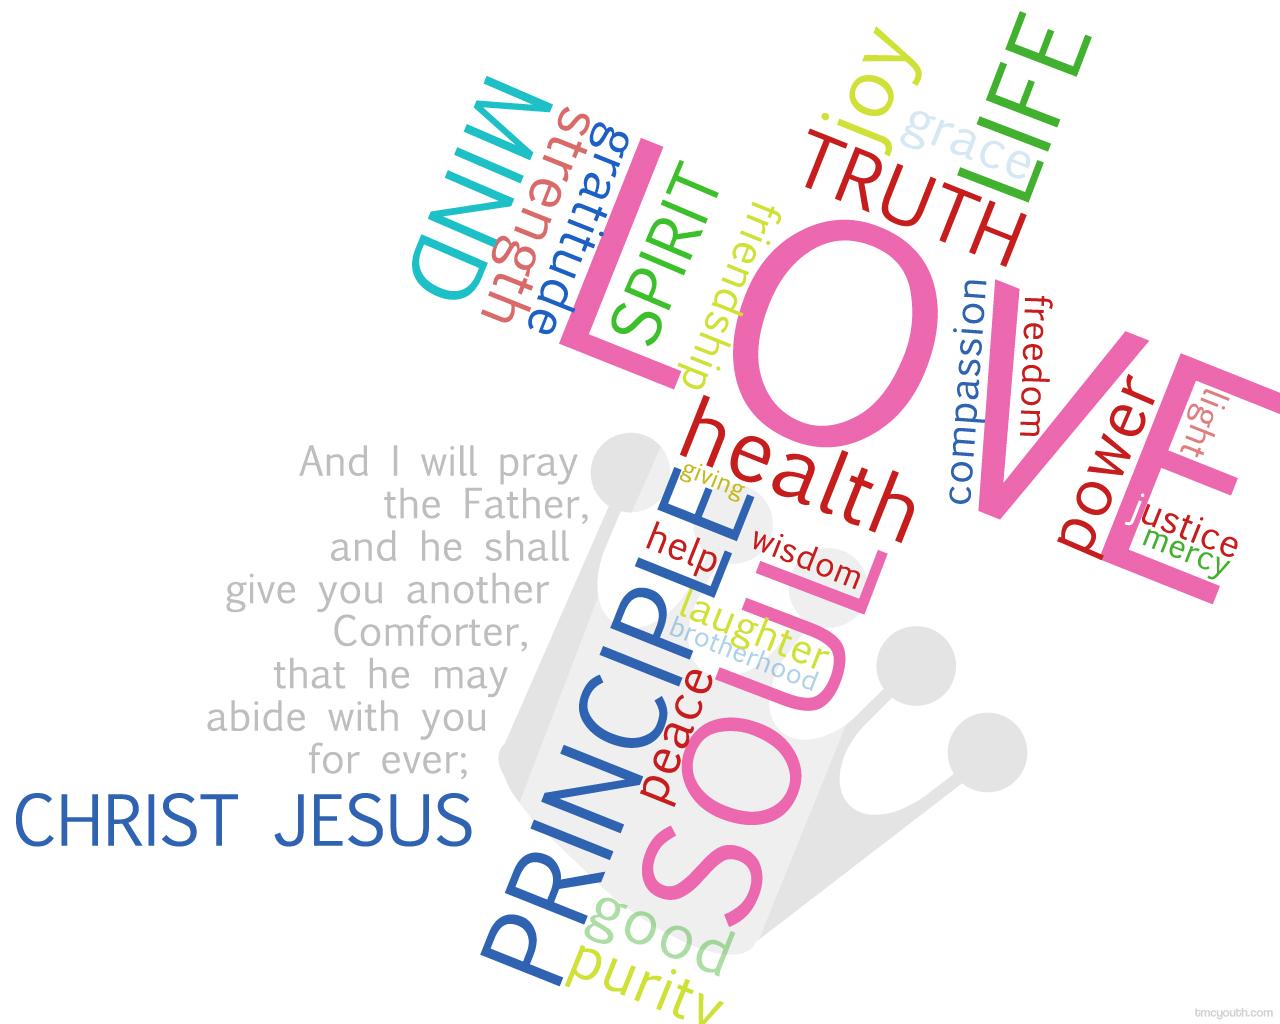 Christian Quote: Christ Jesus Papel de Parede Imagem